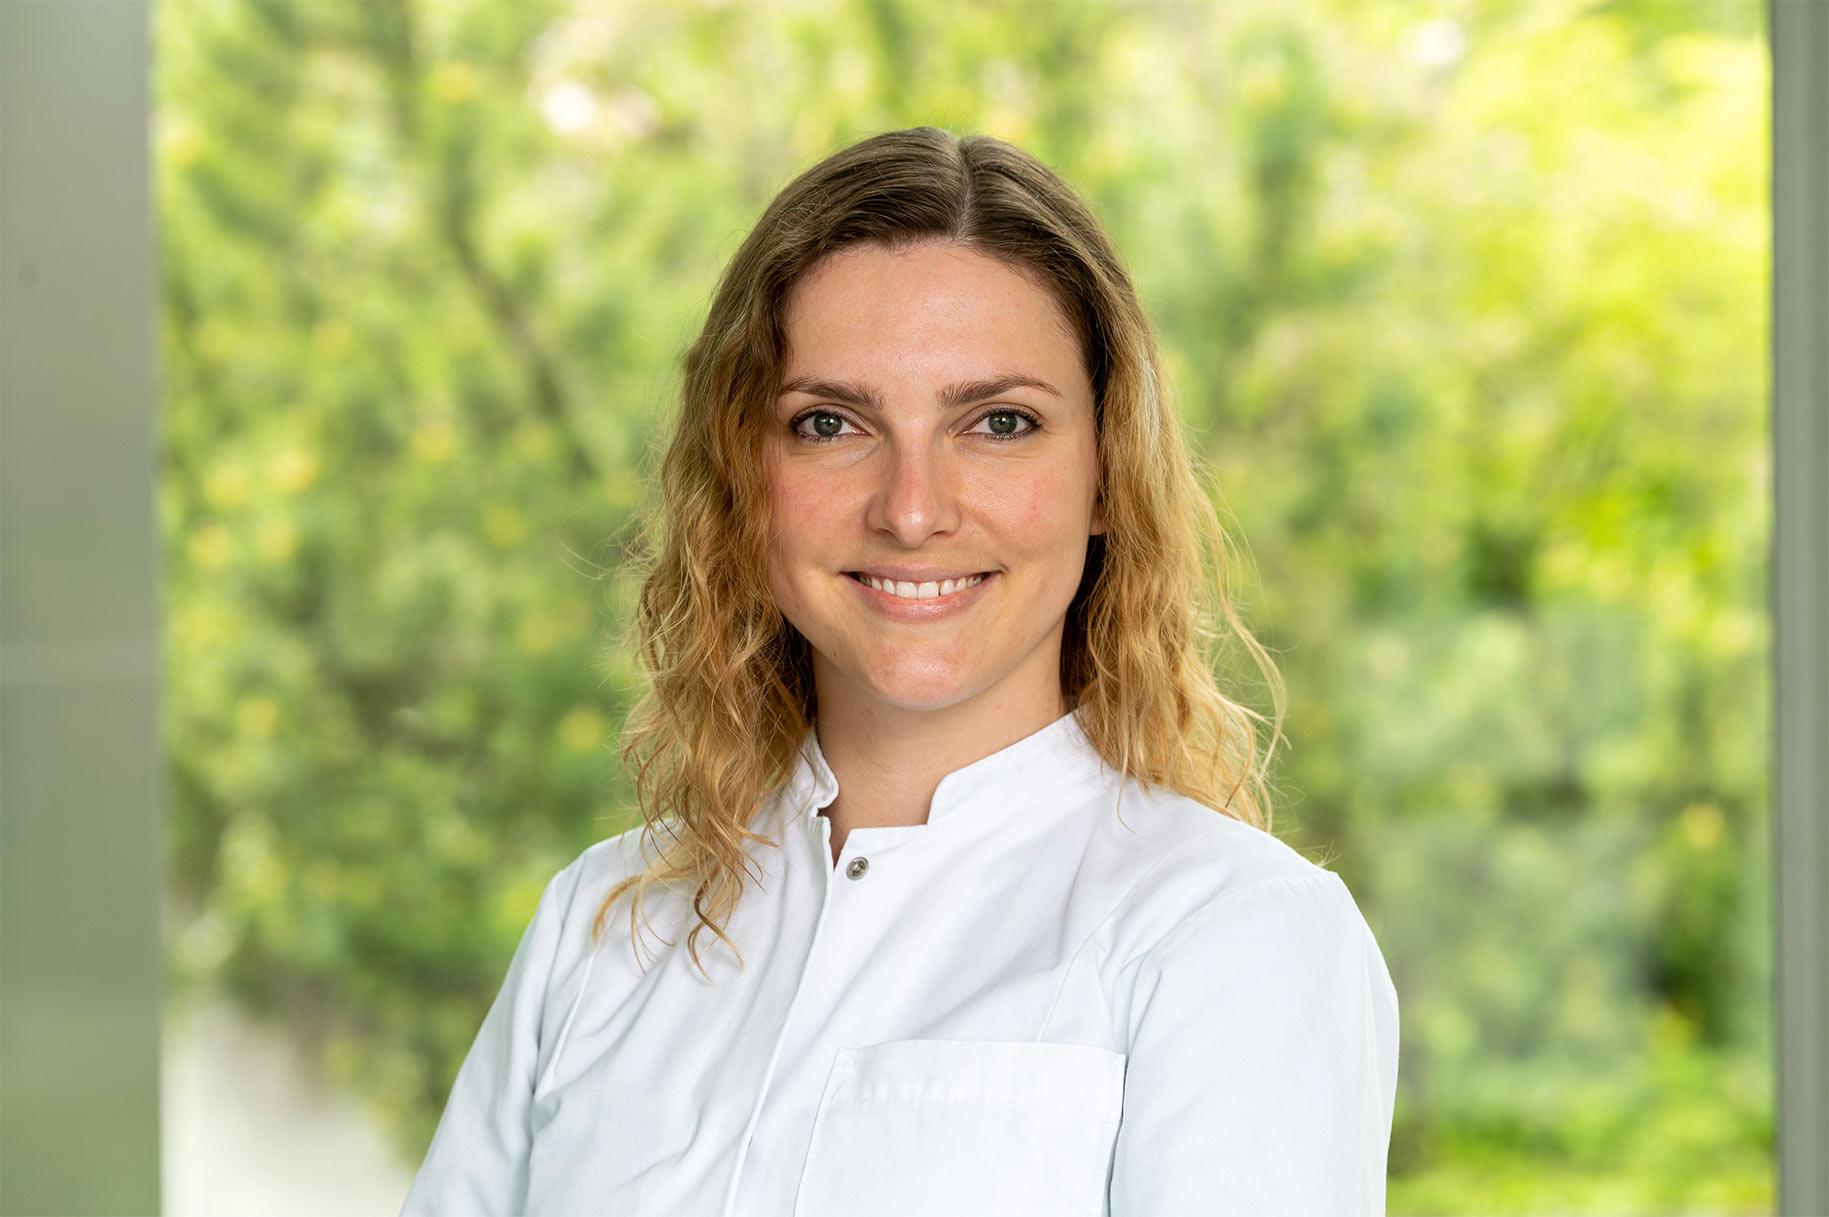 Marisa Kurz